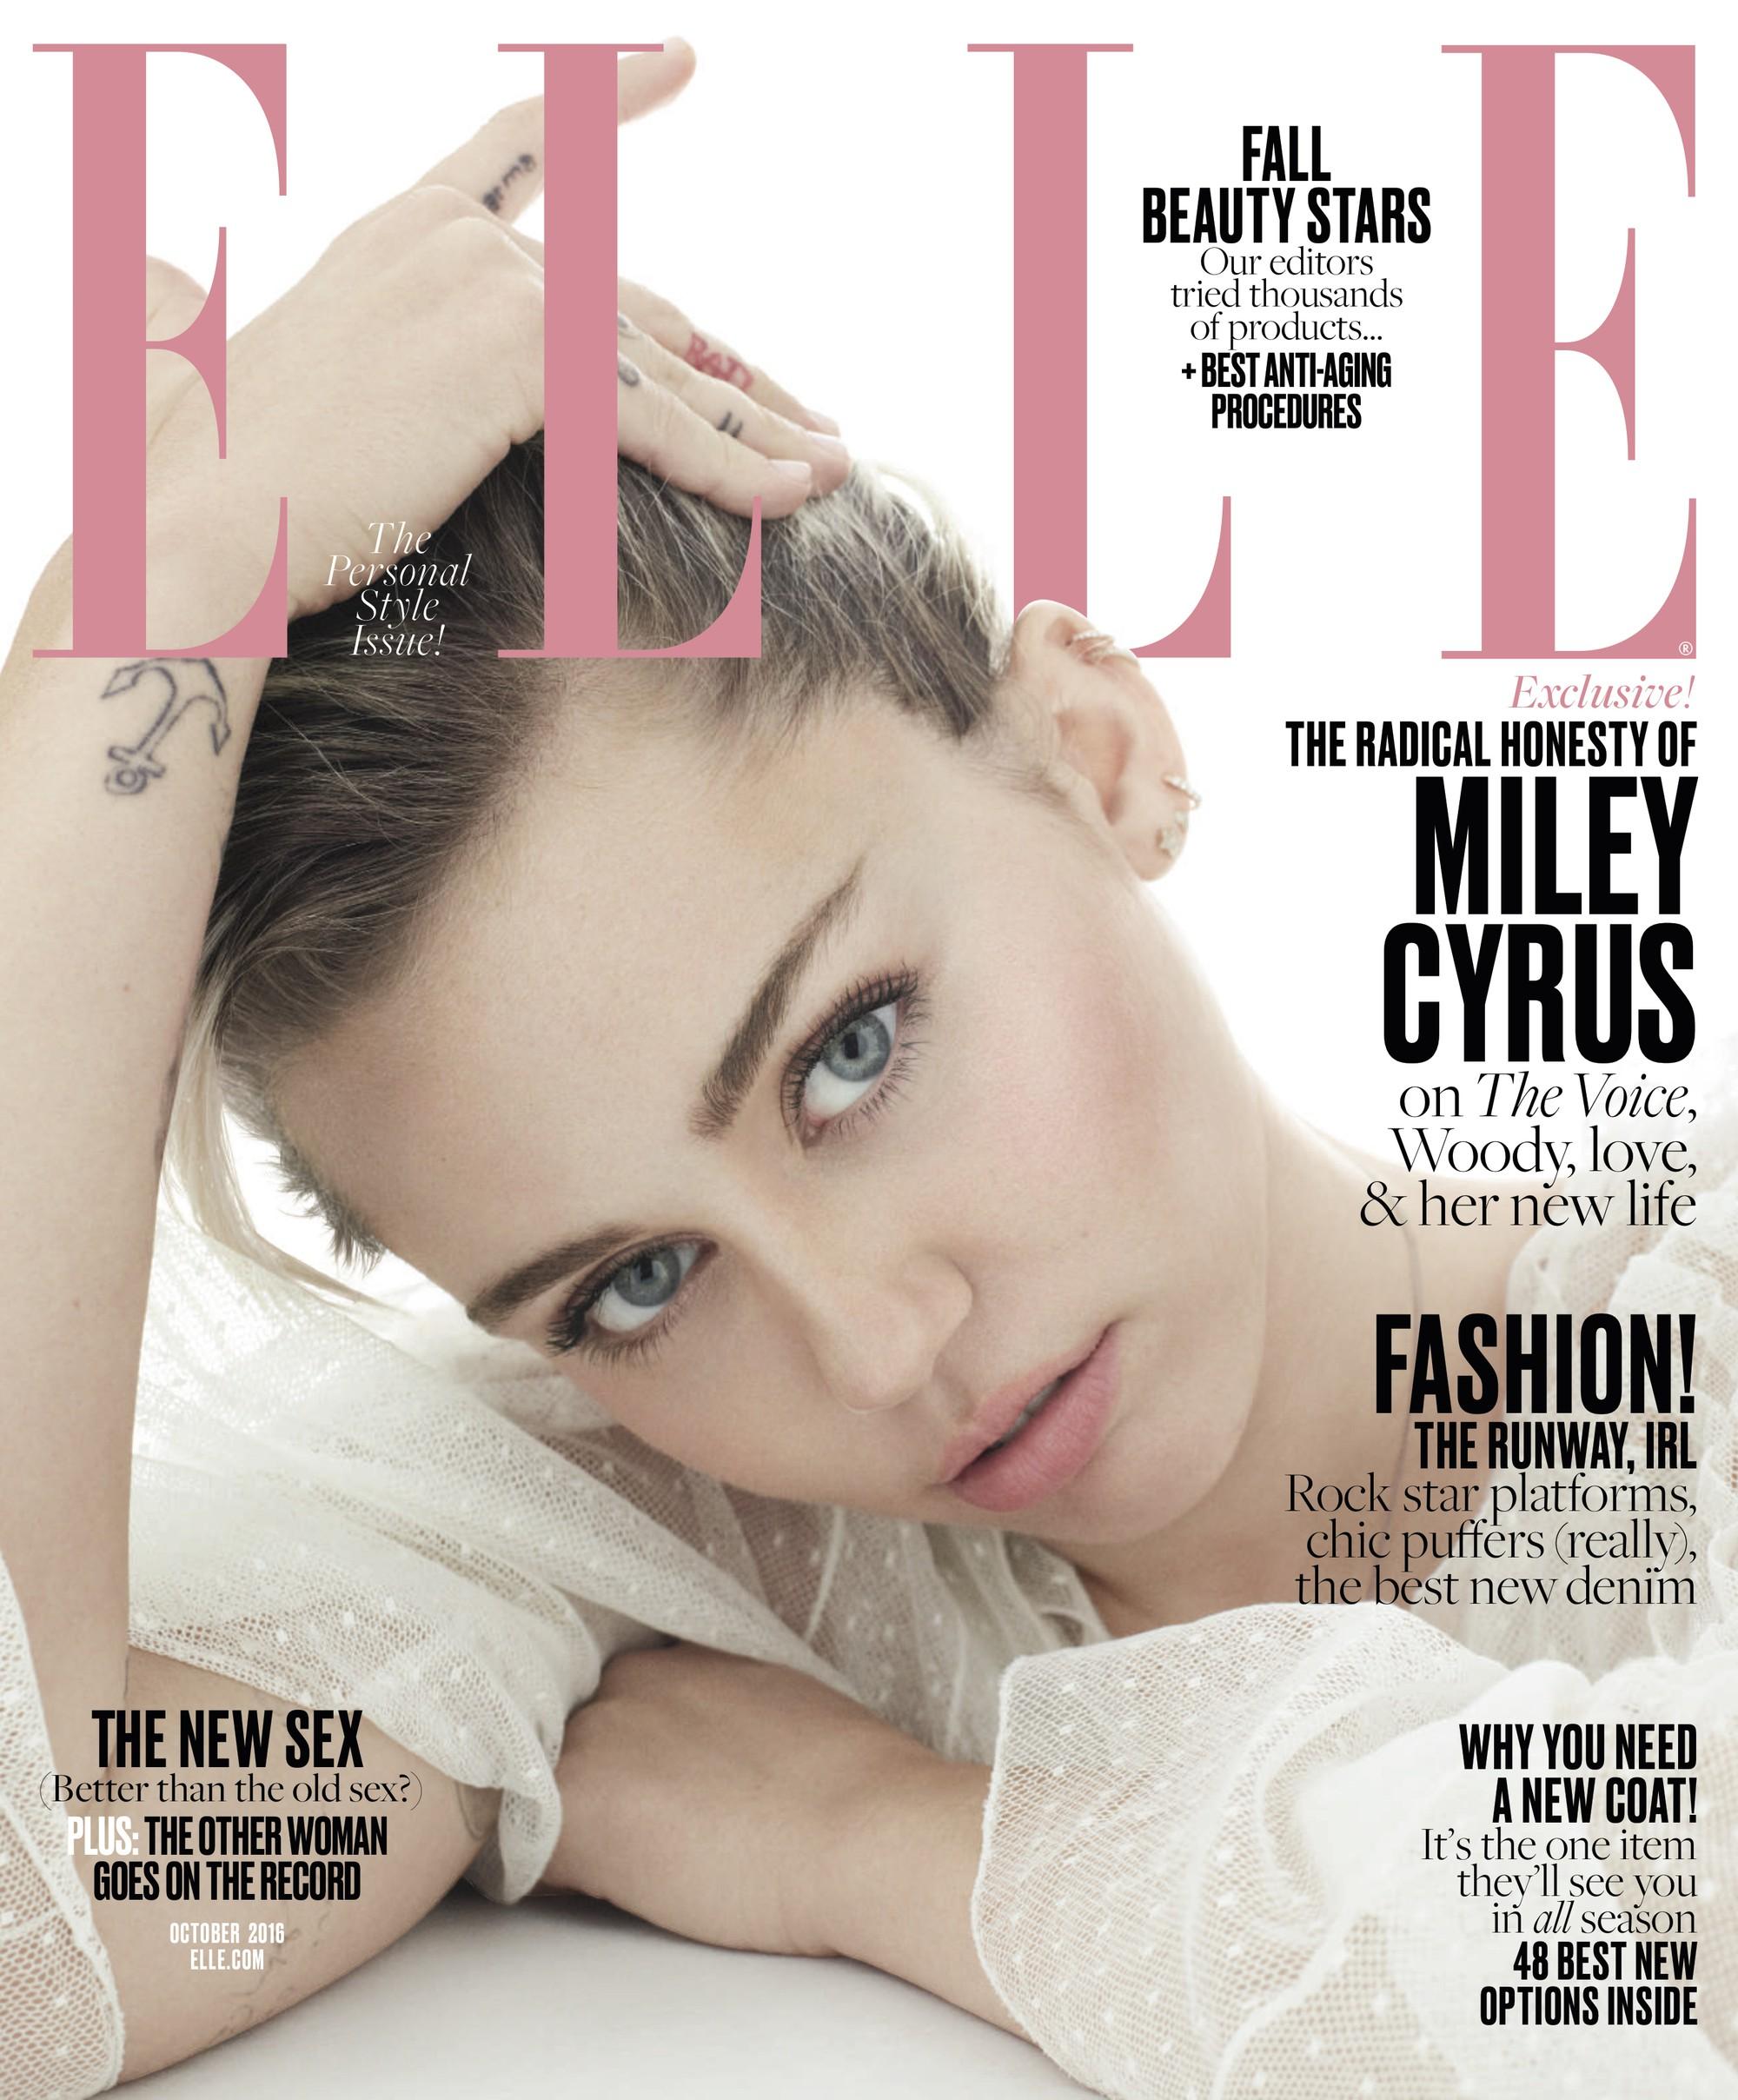 Miley Cyrus: Nàng công chúa Disney chinh phục cả thế giới và chàng hoàng tử đời mình bằng cái điên bản năng - Ảnh 1.